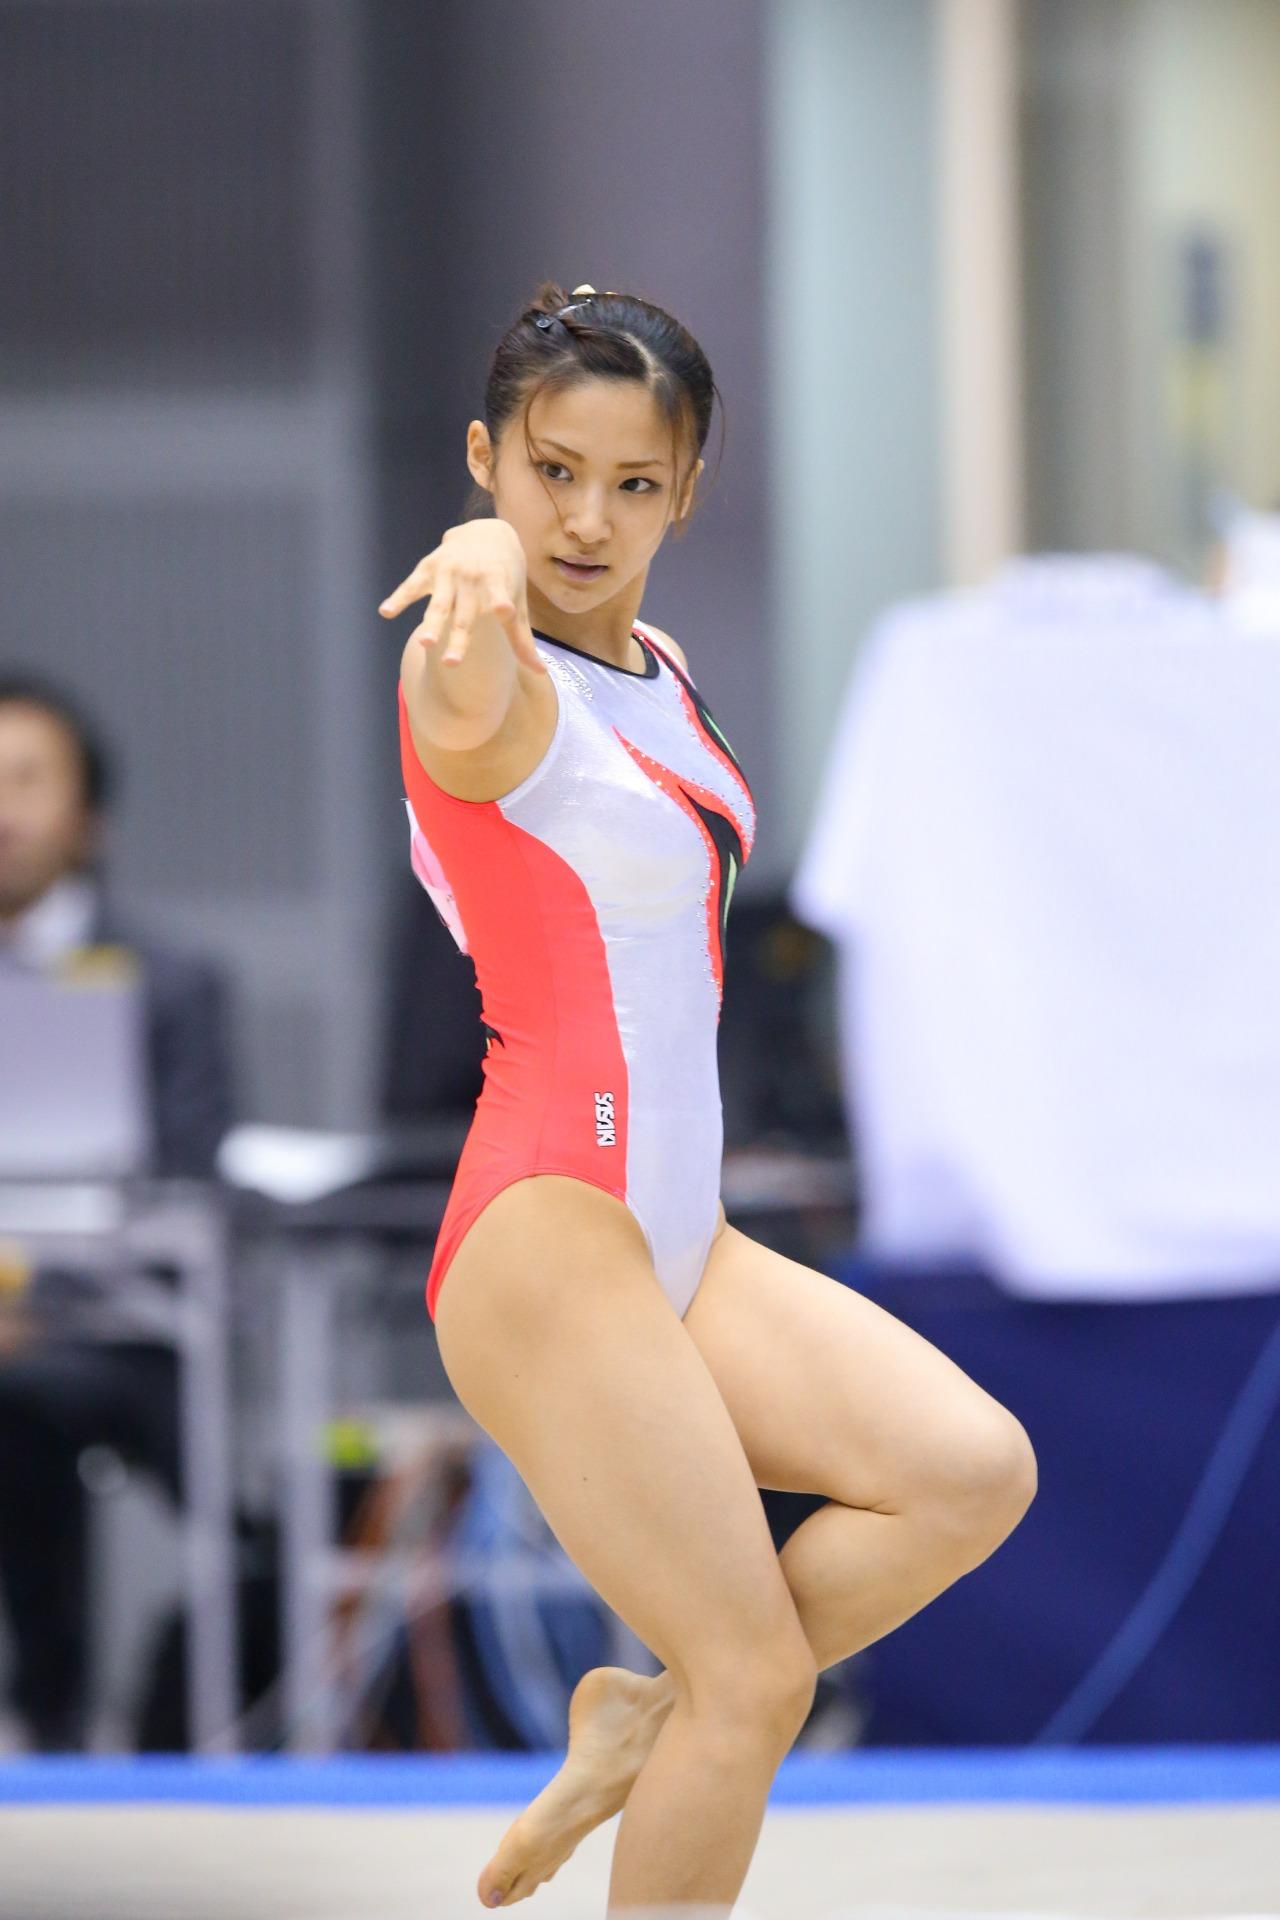 日本 女子 体操 エロ